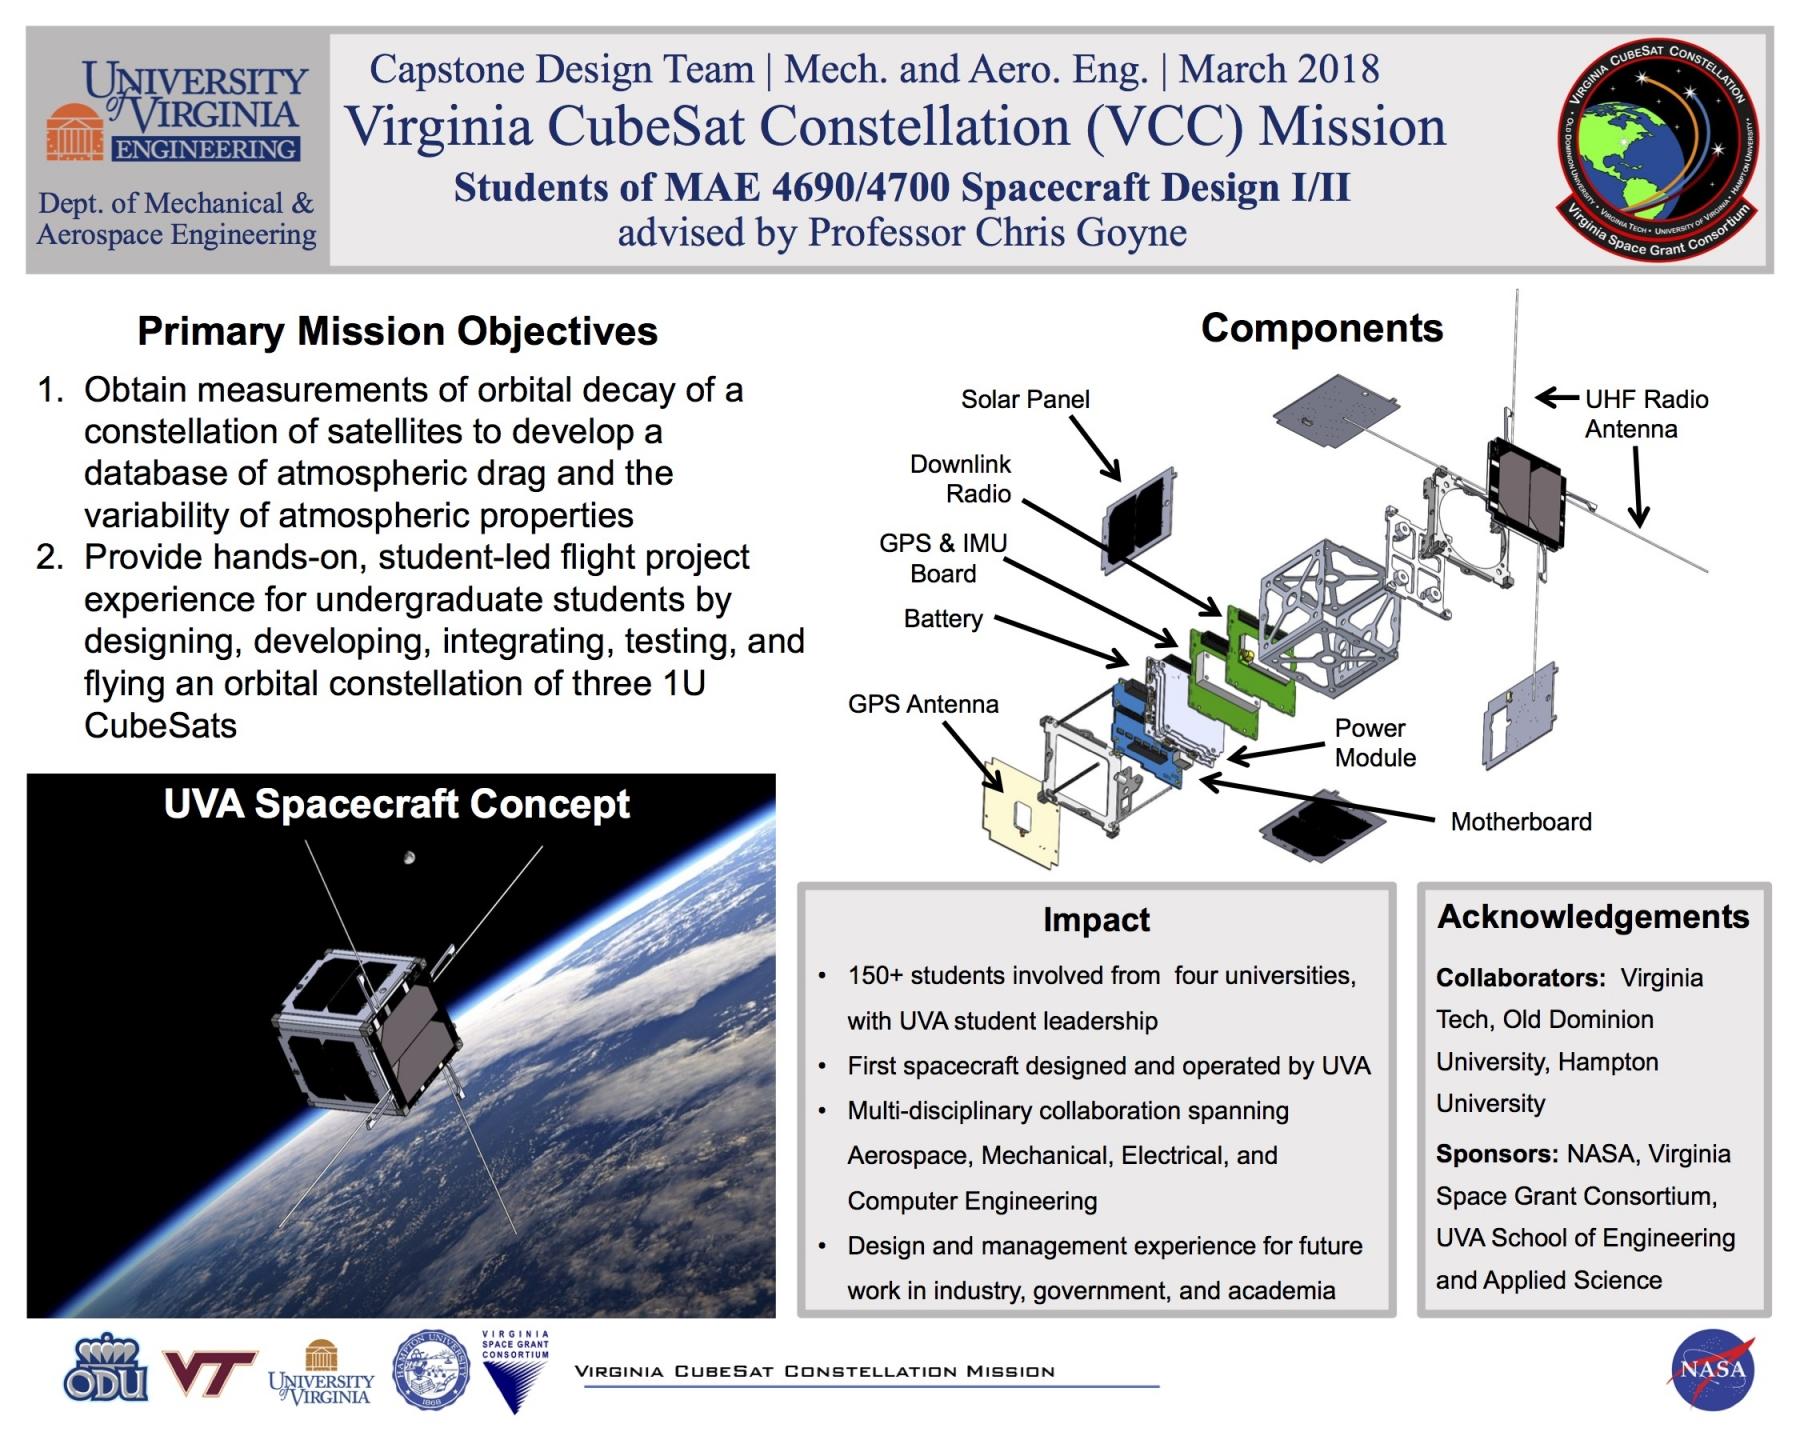 Virginia CubeSat Constellation Mission.jpg